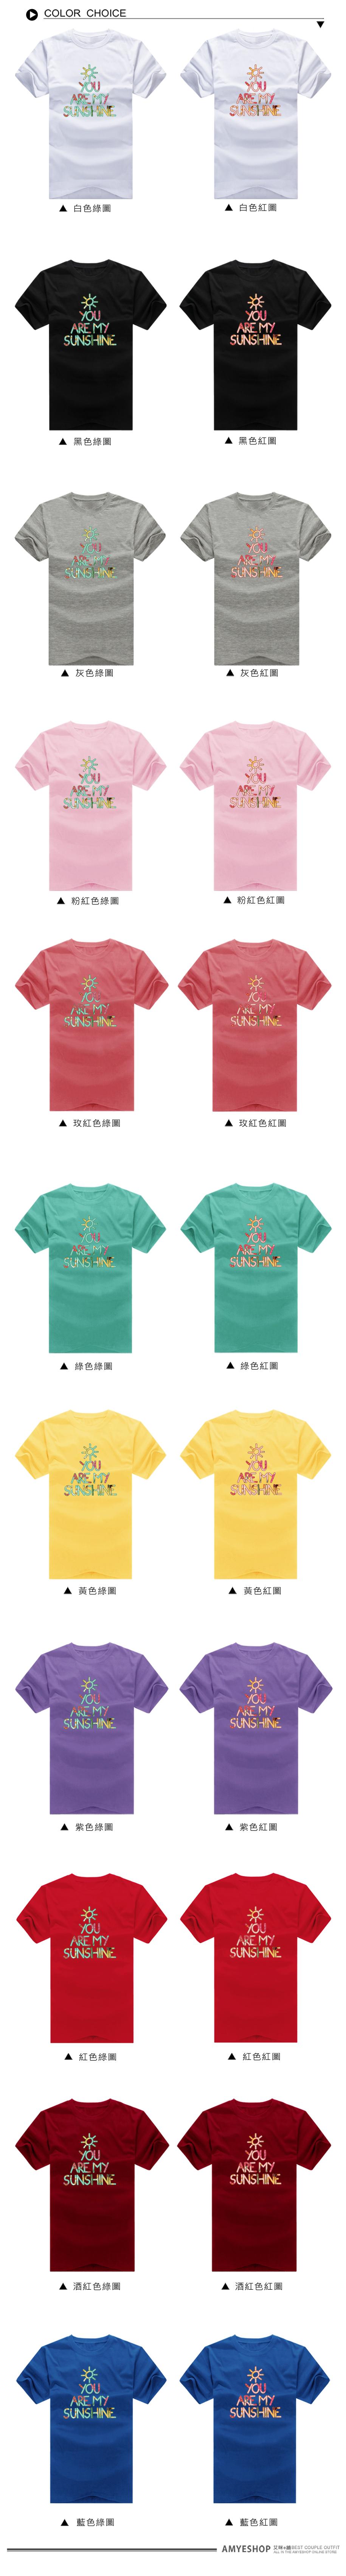 ◆快速出貨◆T恤.情侶裝.班服.MIT台灣製.獨家配對情侶裝.客製化.純棉短T.花朵sunshine【YC378】可單買.艾咪E舖